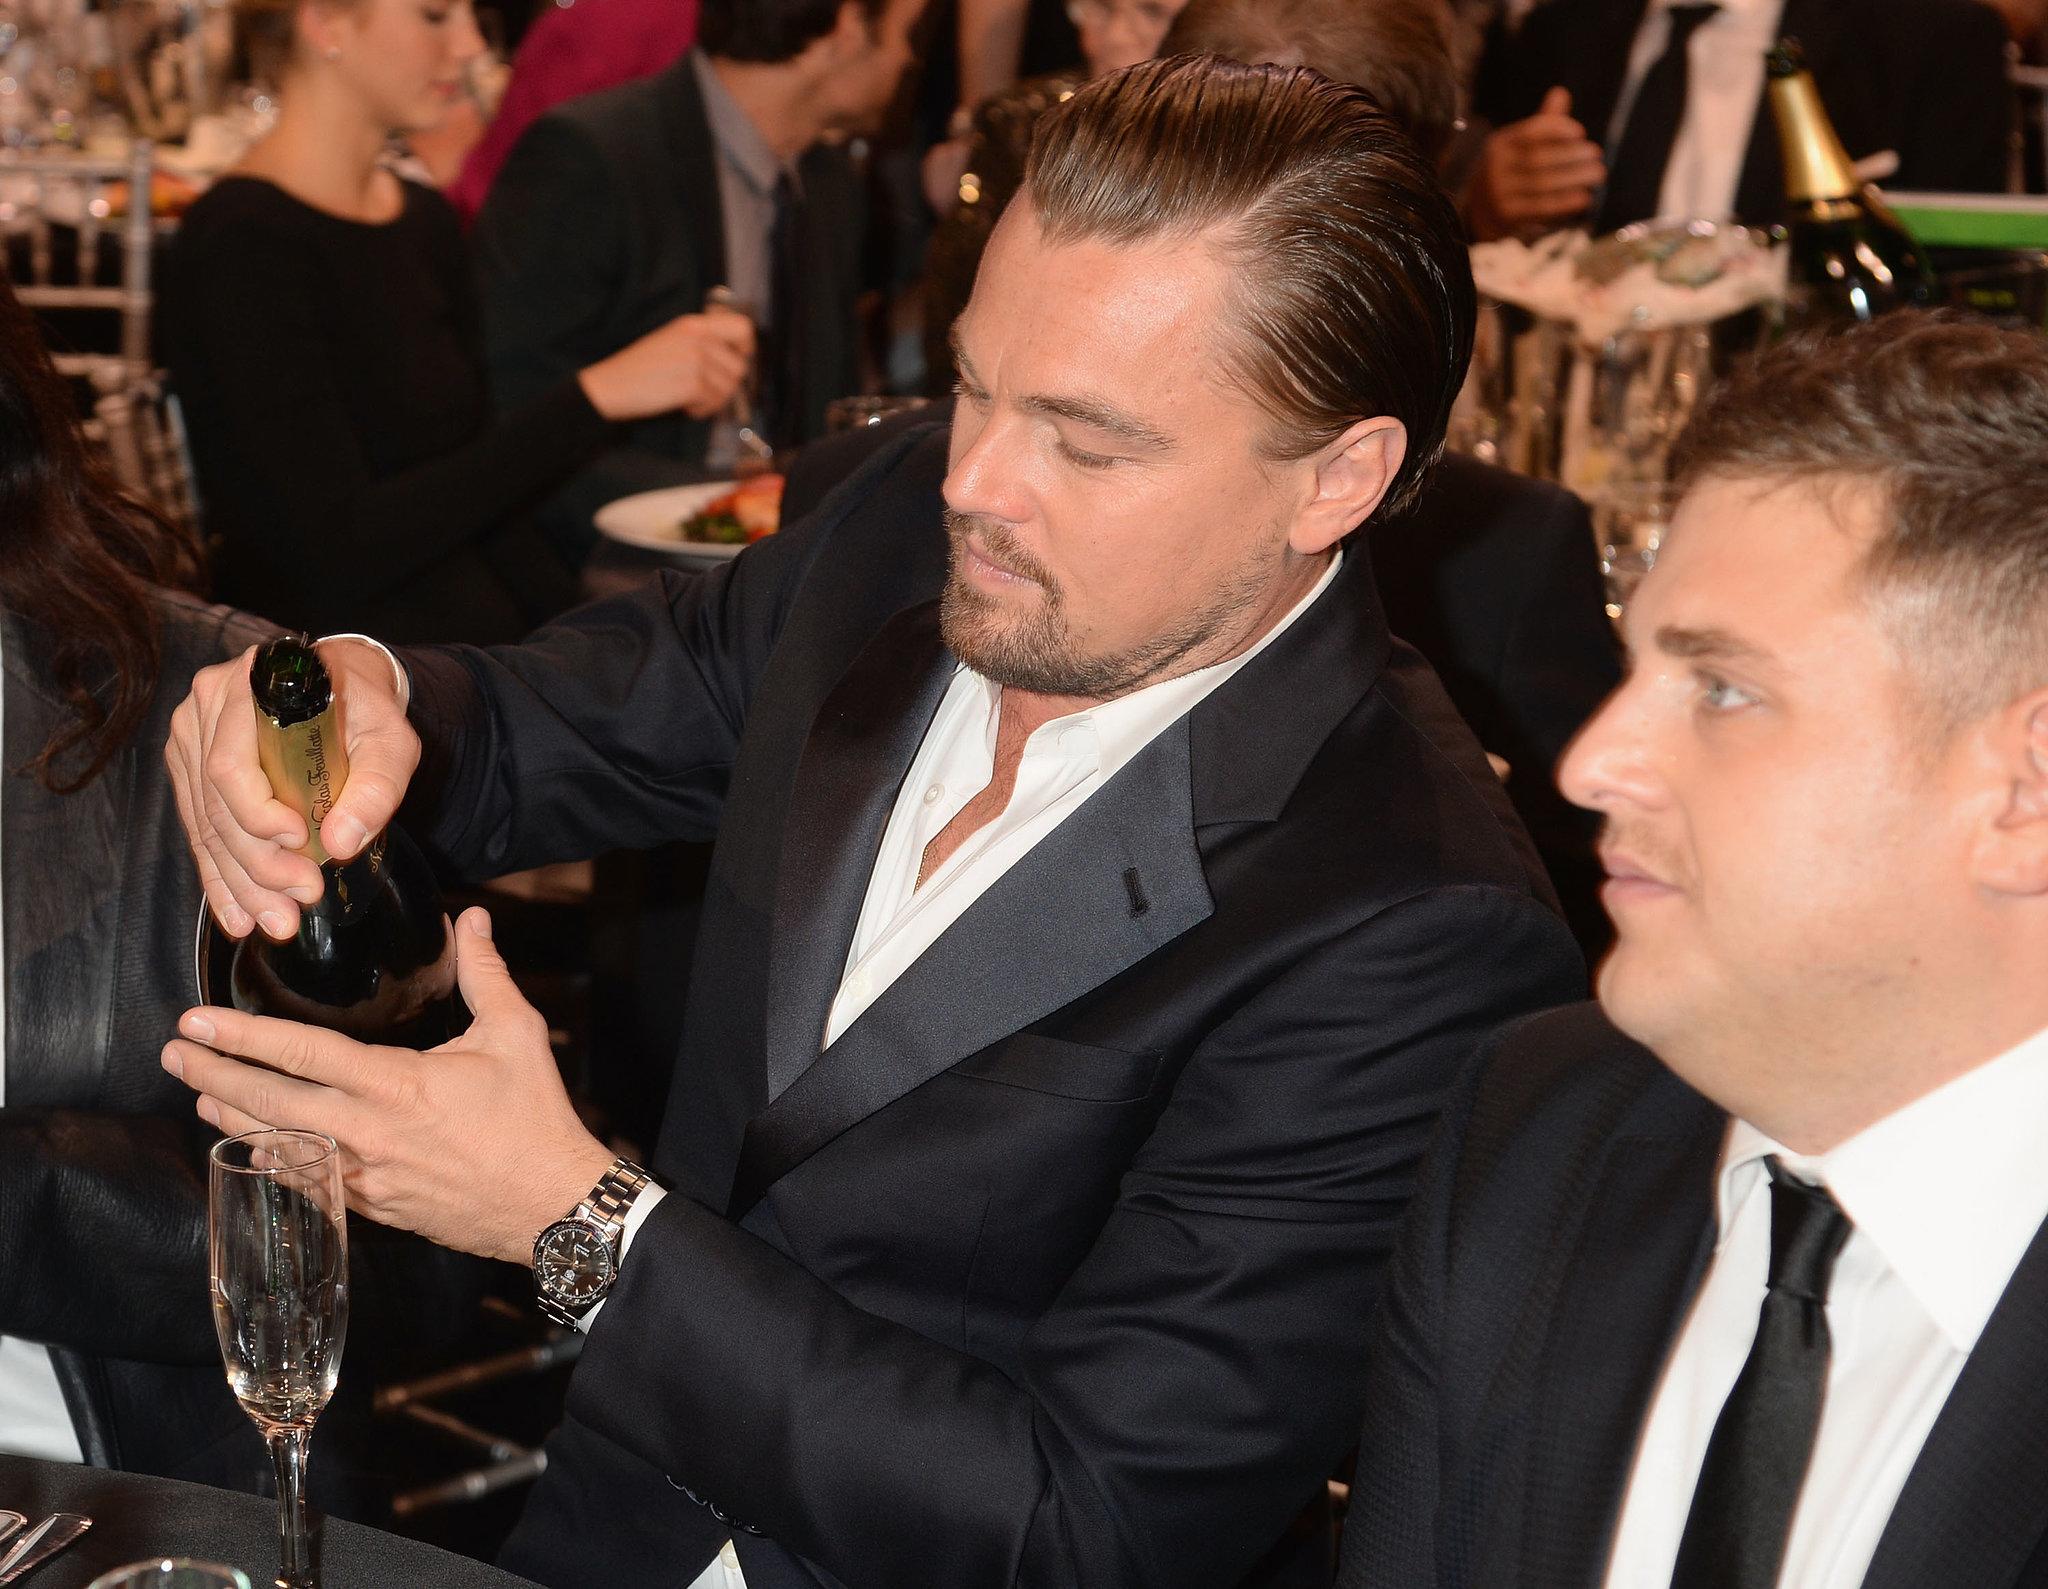 Winning Looks Good on Leonardo DiCaprio